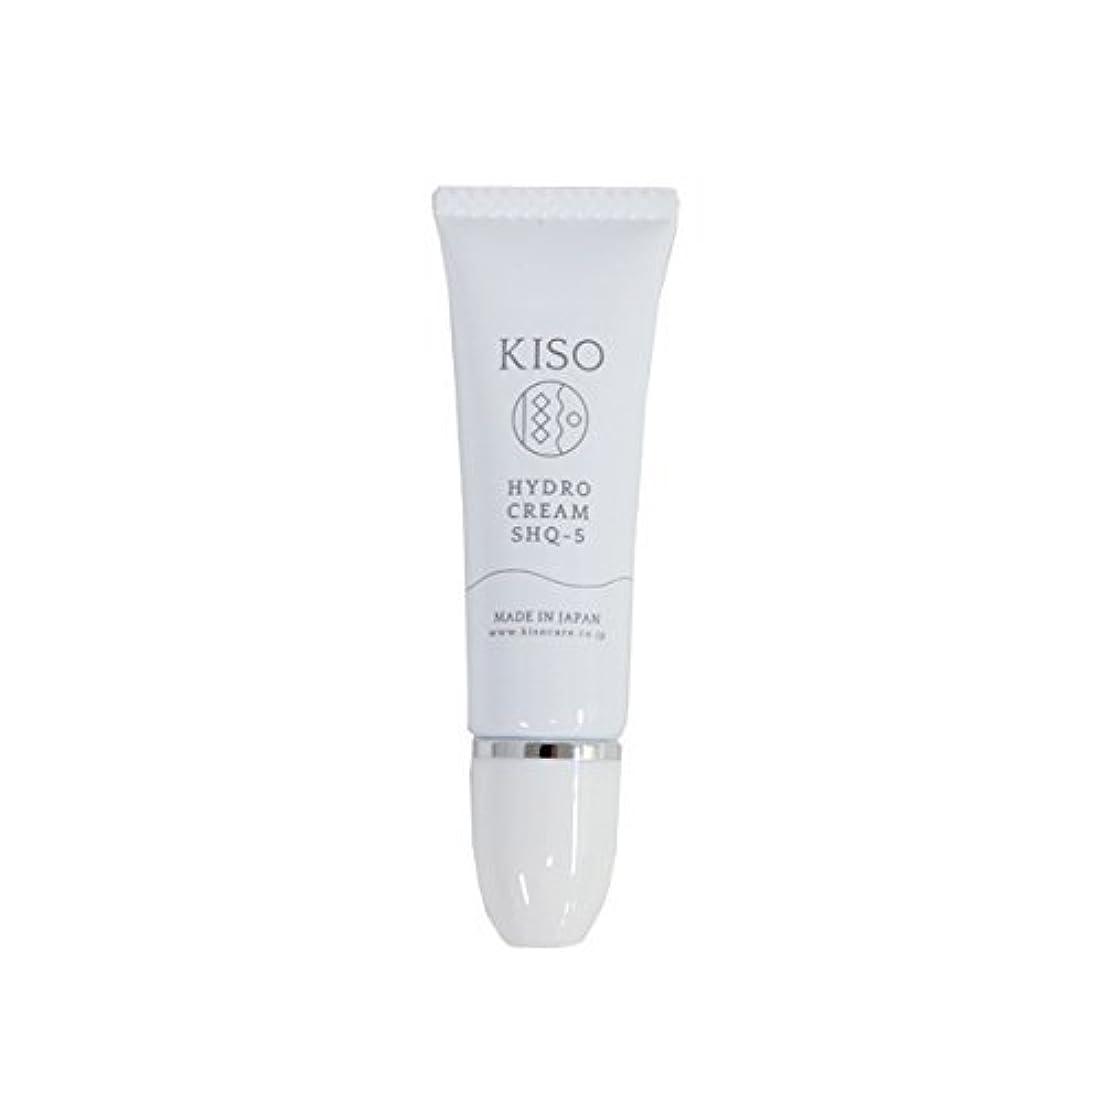 みがきます有効な表向きKISO 安定型 ハイドロキノン 5%配合【ハイドロ クリーム SHQ-5 10g】スキンケアで肌を整えた後にちょこっとケア 日本製